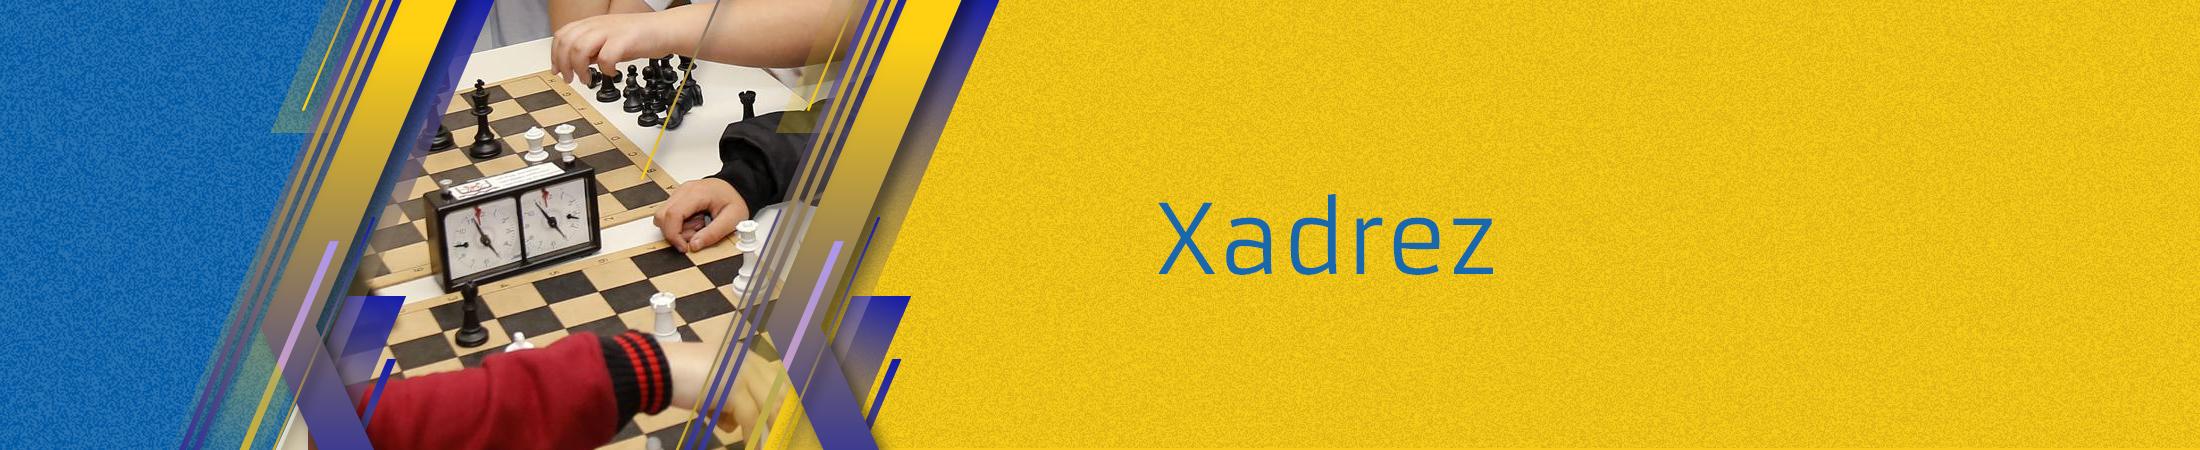 subcategoria - Xadrez